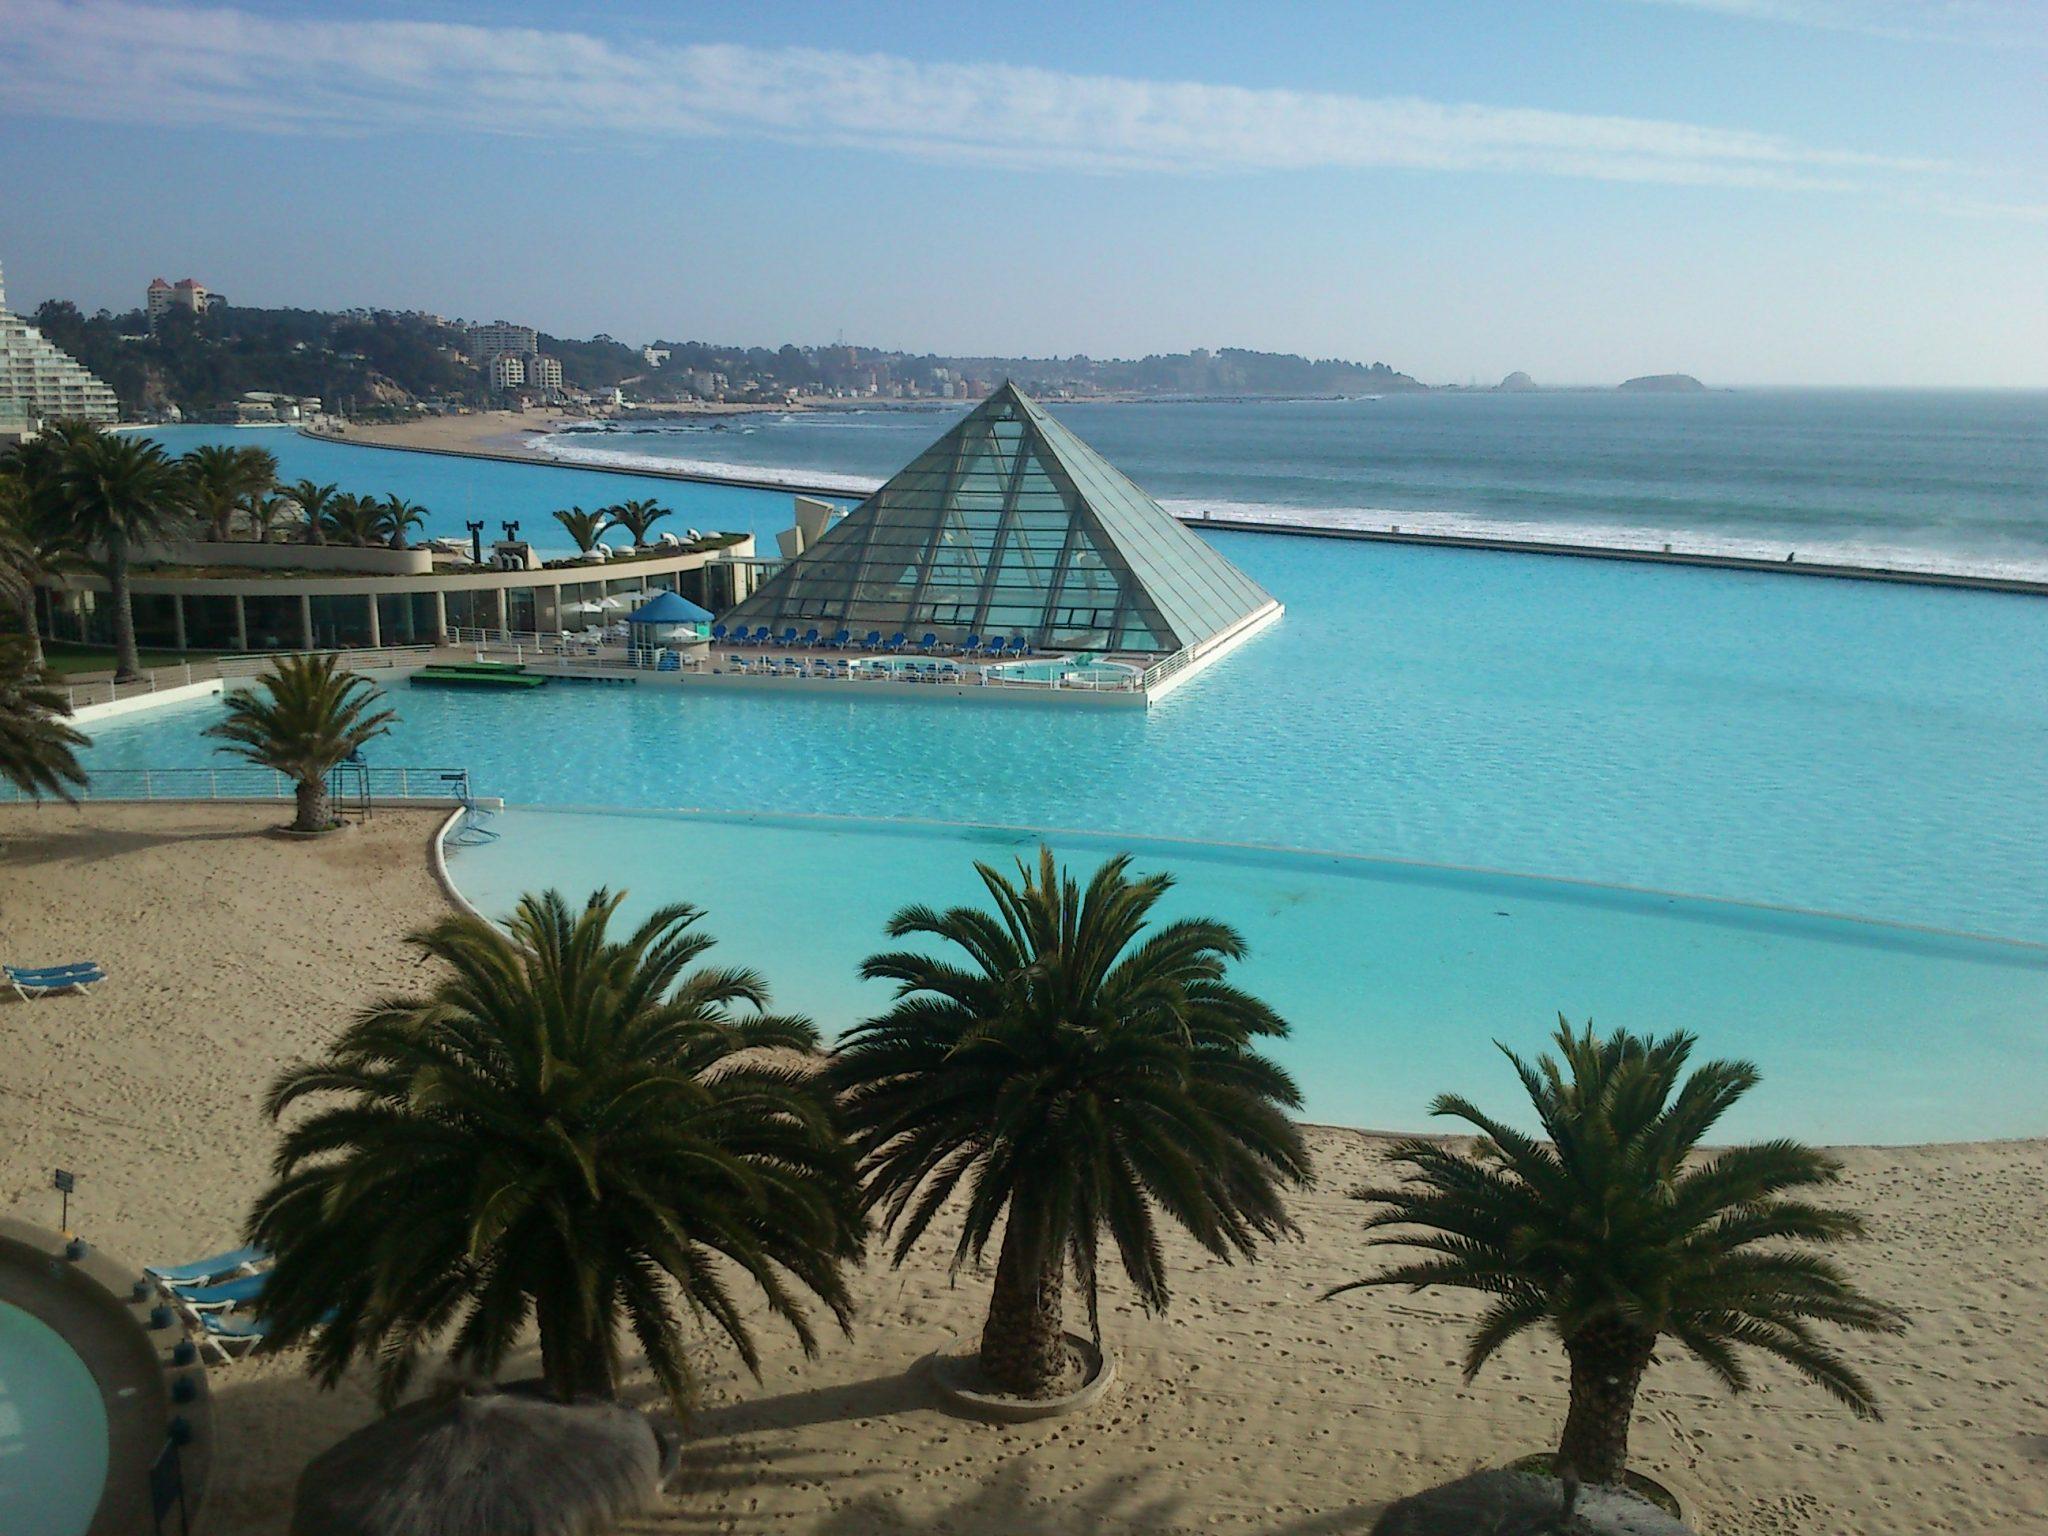 San Alfonso del Mar, la segunda piscina más grande del mundo.